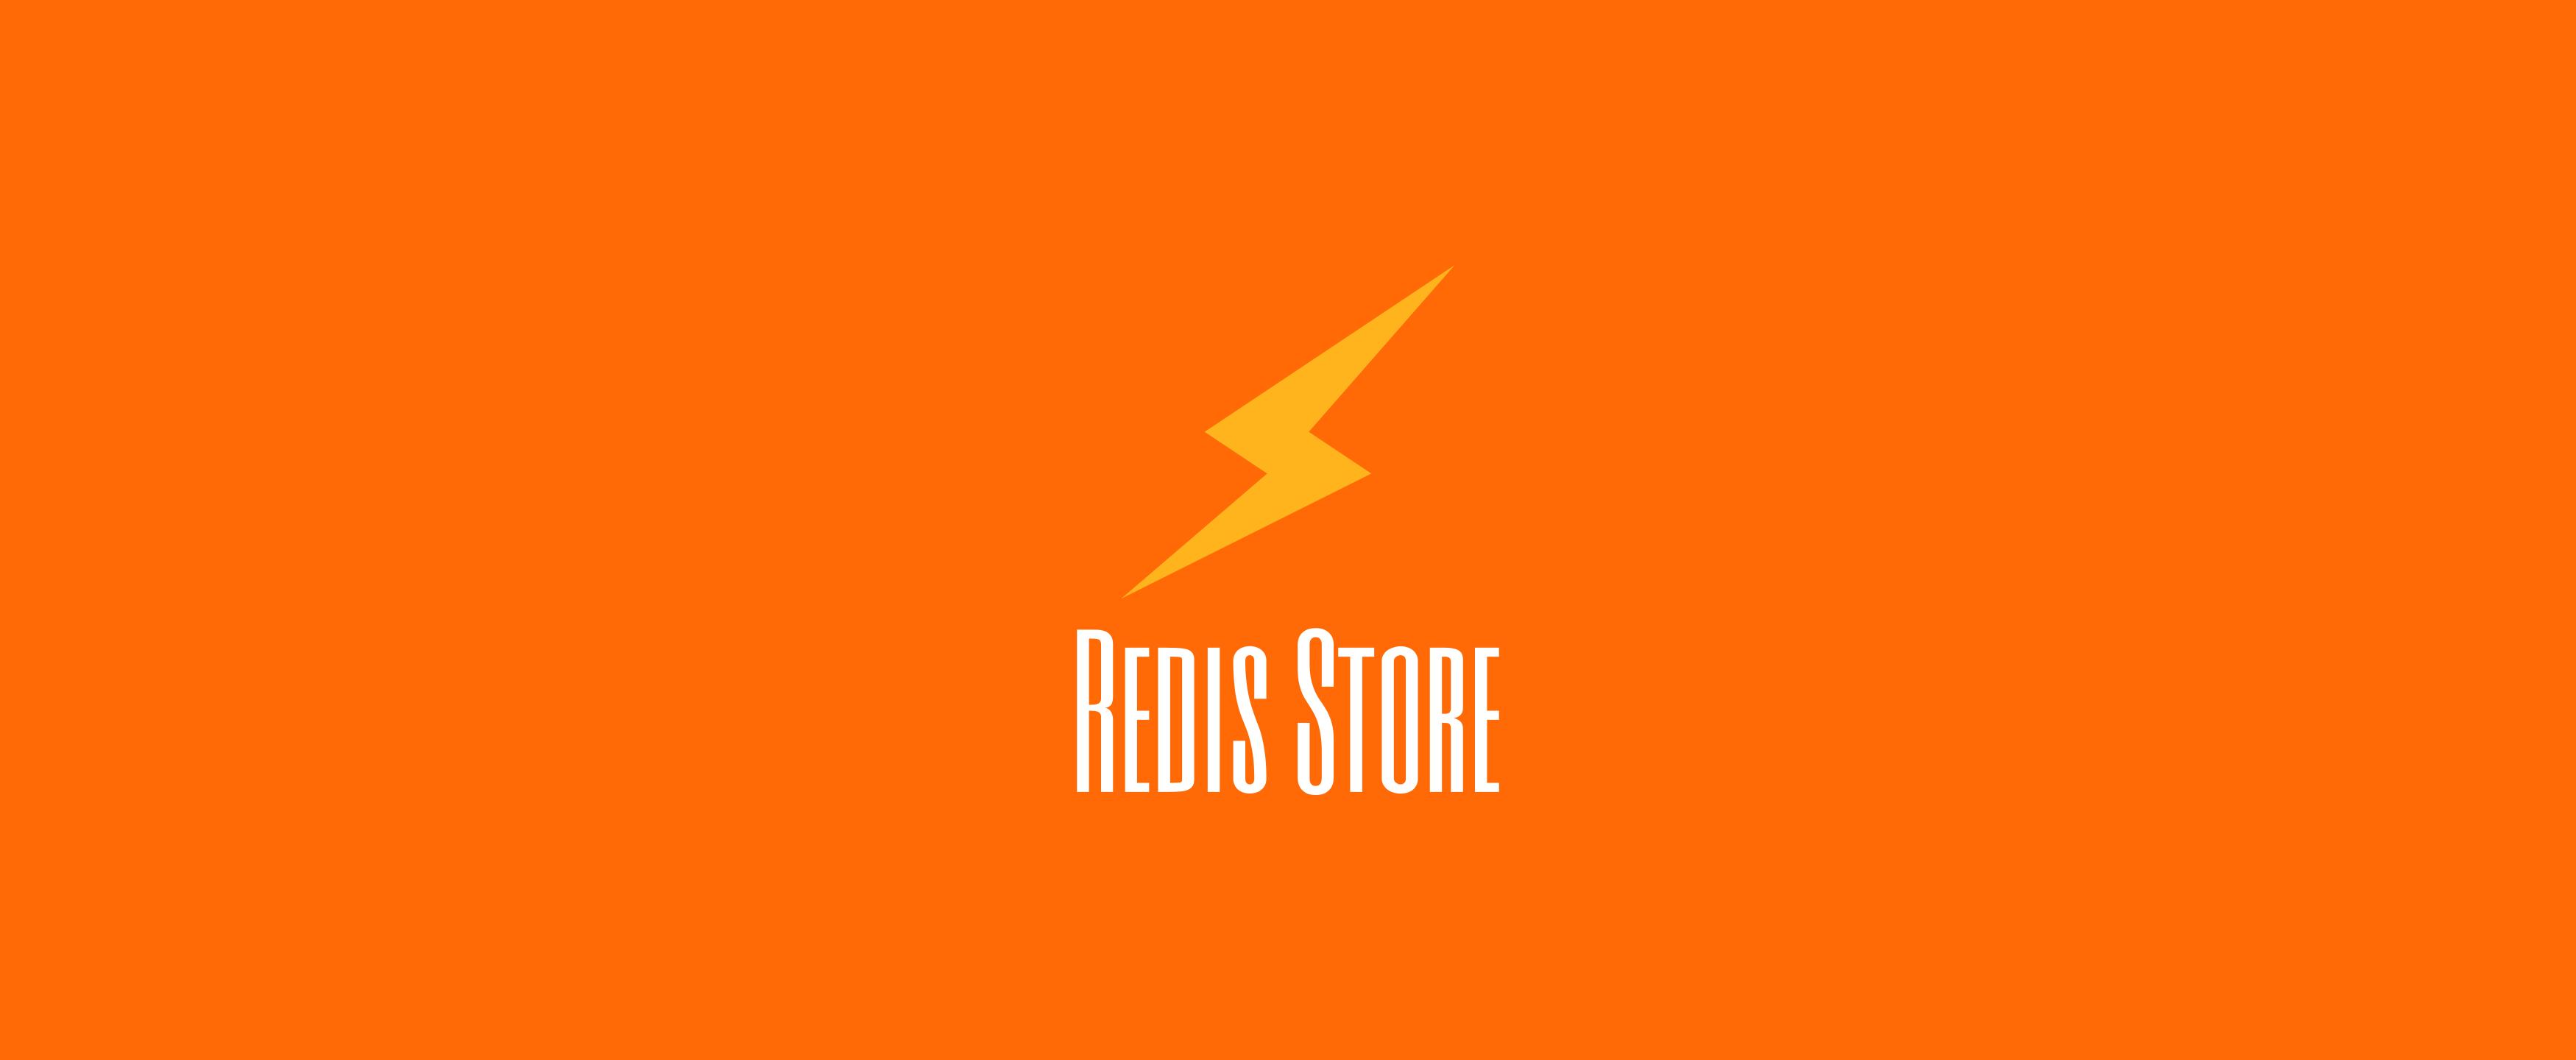 RedisStore